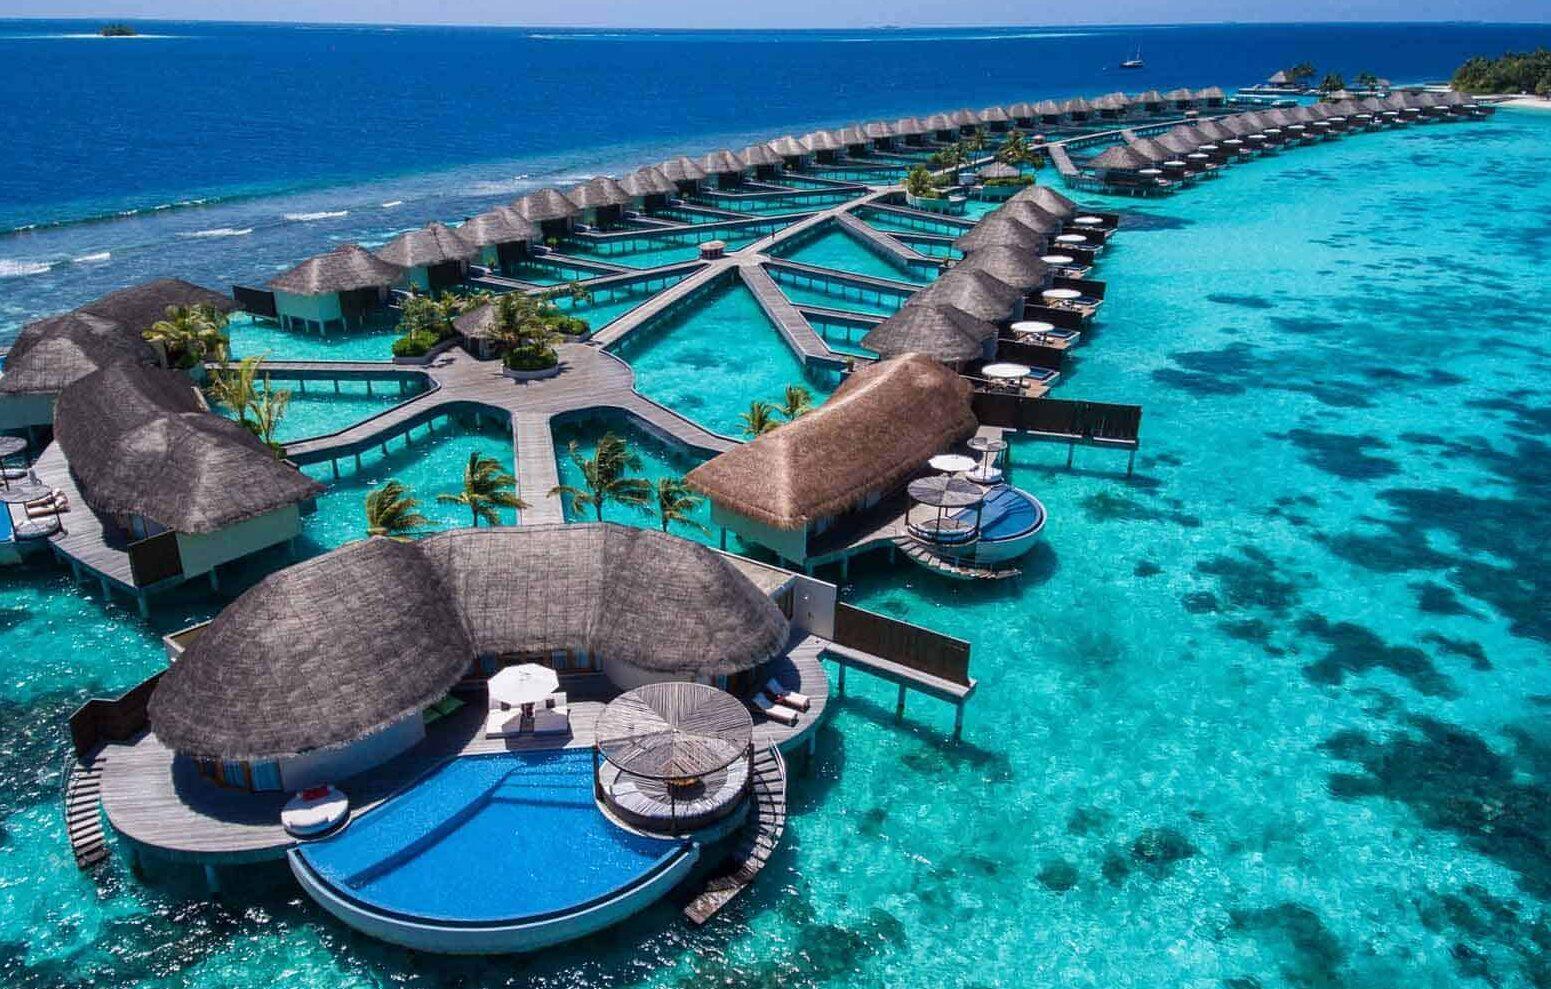 تكلفة السفر إلى جزر المالديف وسبب تسميتها وأهم المعلومات التاريخية عنها